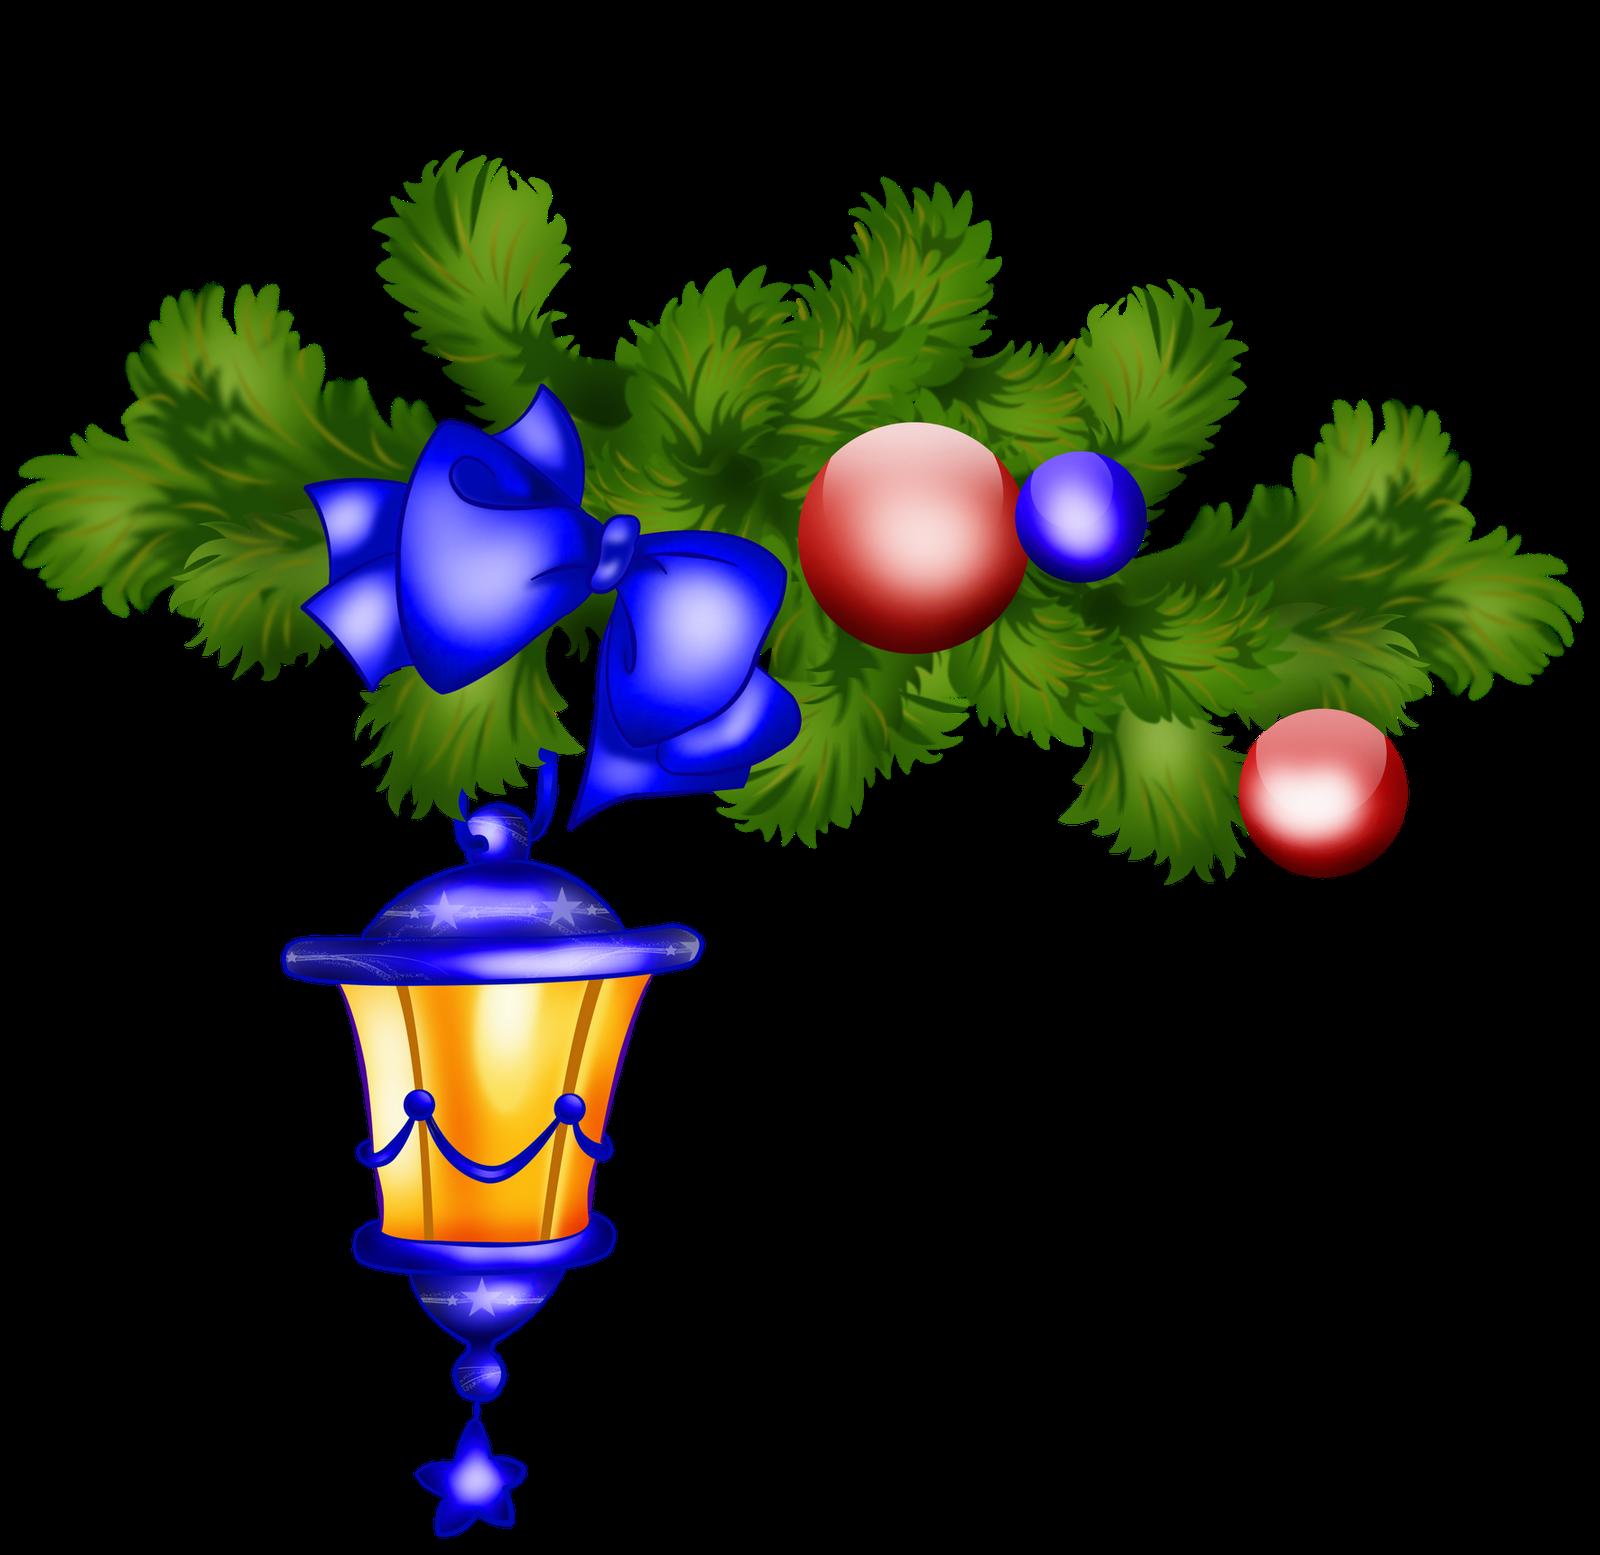 Gifs De Adornos Luces Y Campanas De Navidad Fondos De